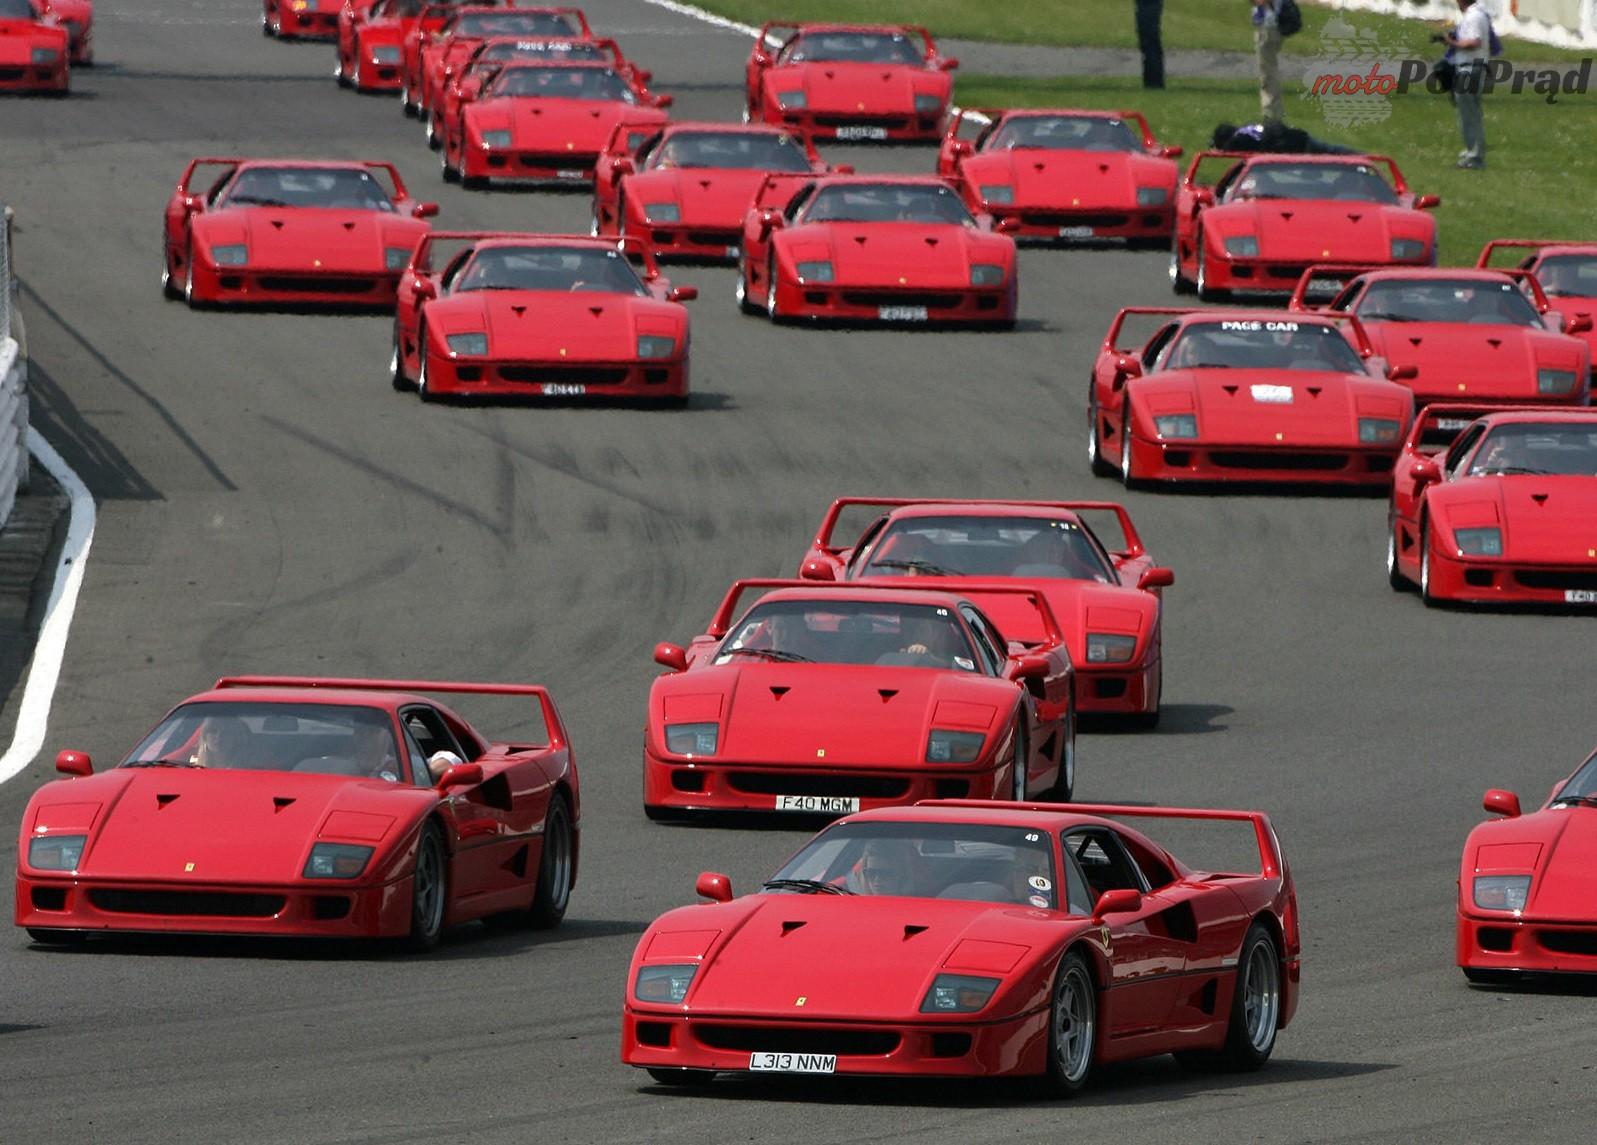 Ferrari F40 1987 1600 31 Przełomowe samochody lat 80.